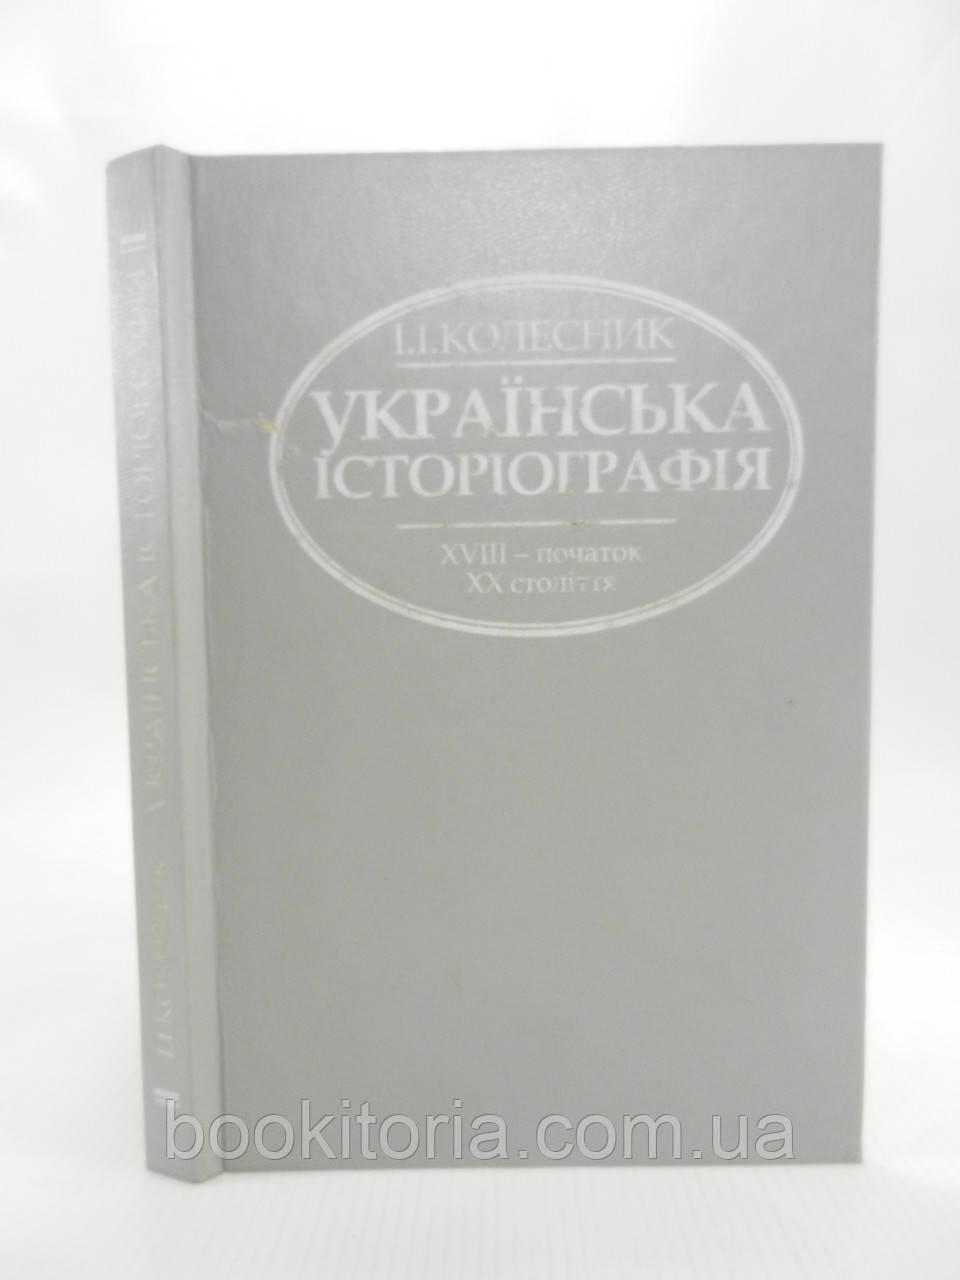 Колесник І. Українська історіографія (XVIII – початок XX століття) (б/у).